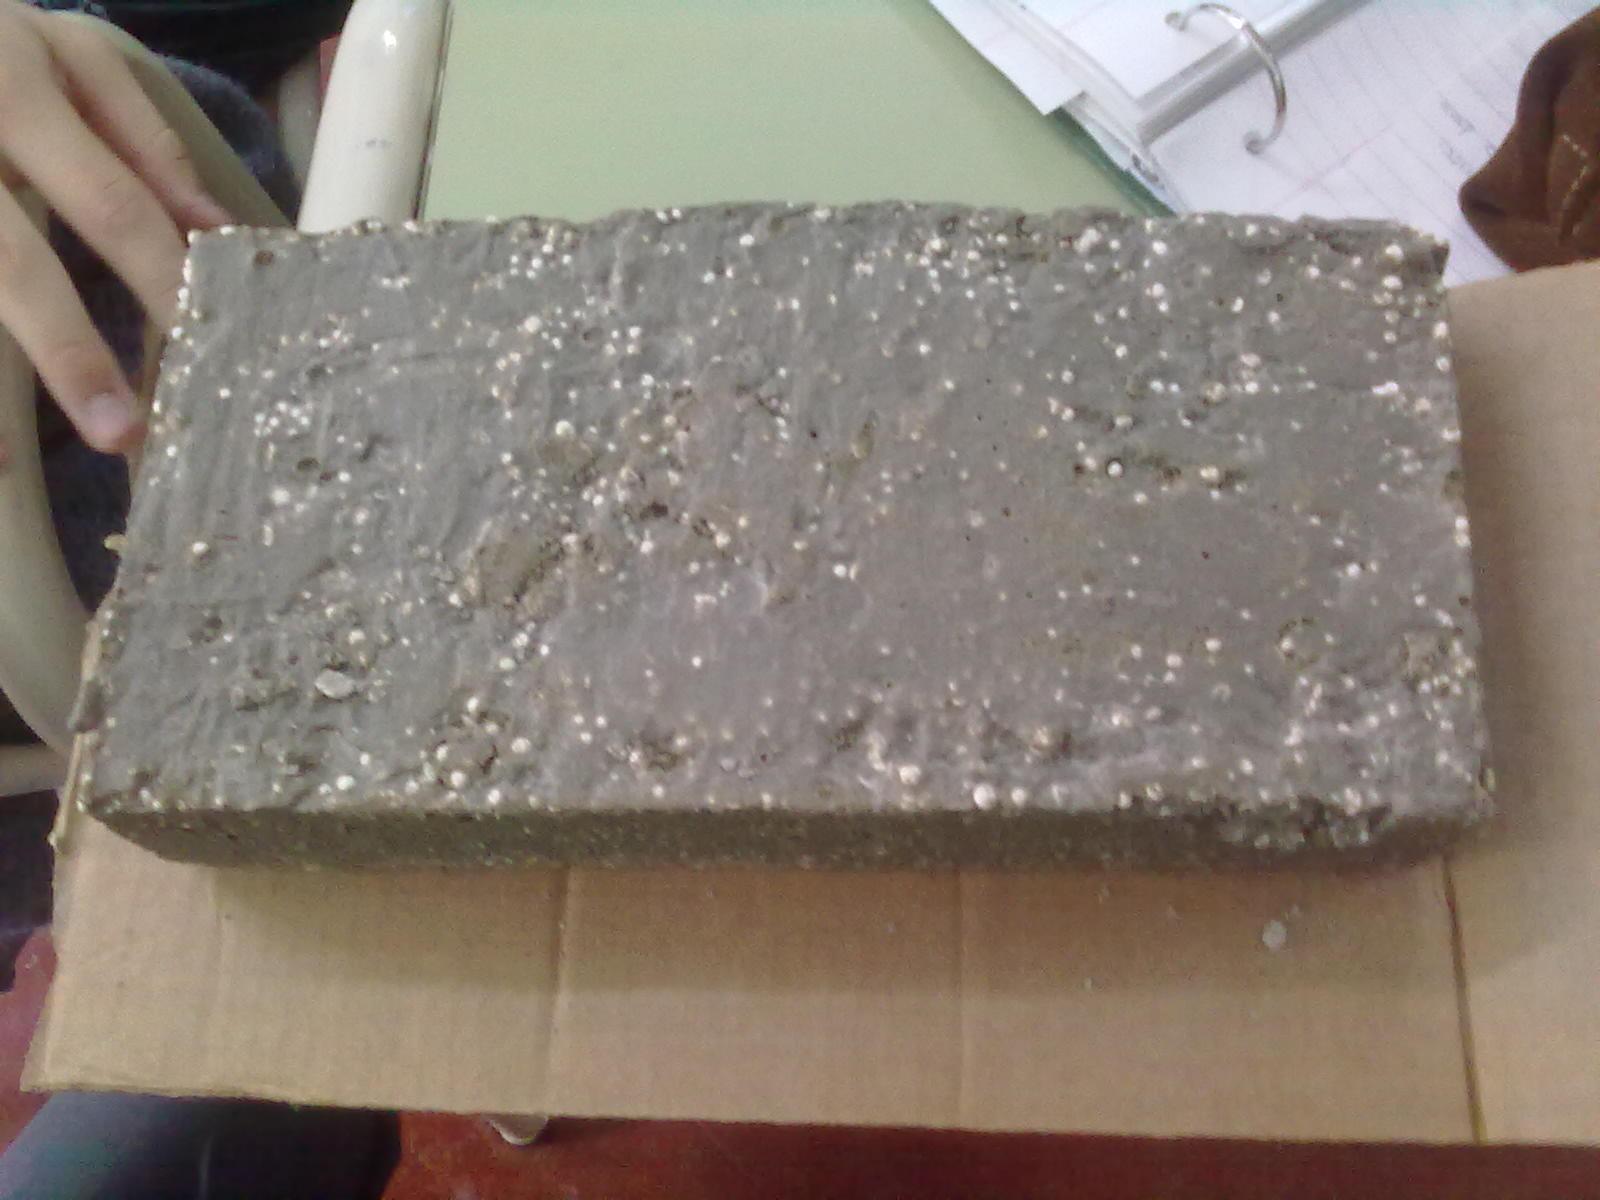 Telgopor Con Cemento Modelo de Cemento y Telgopor